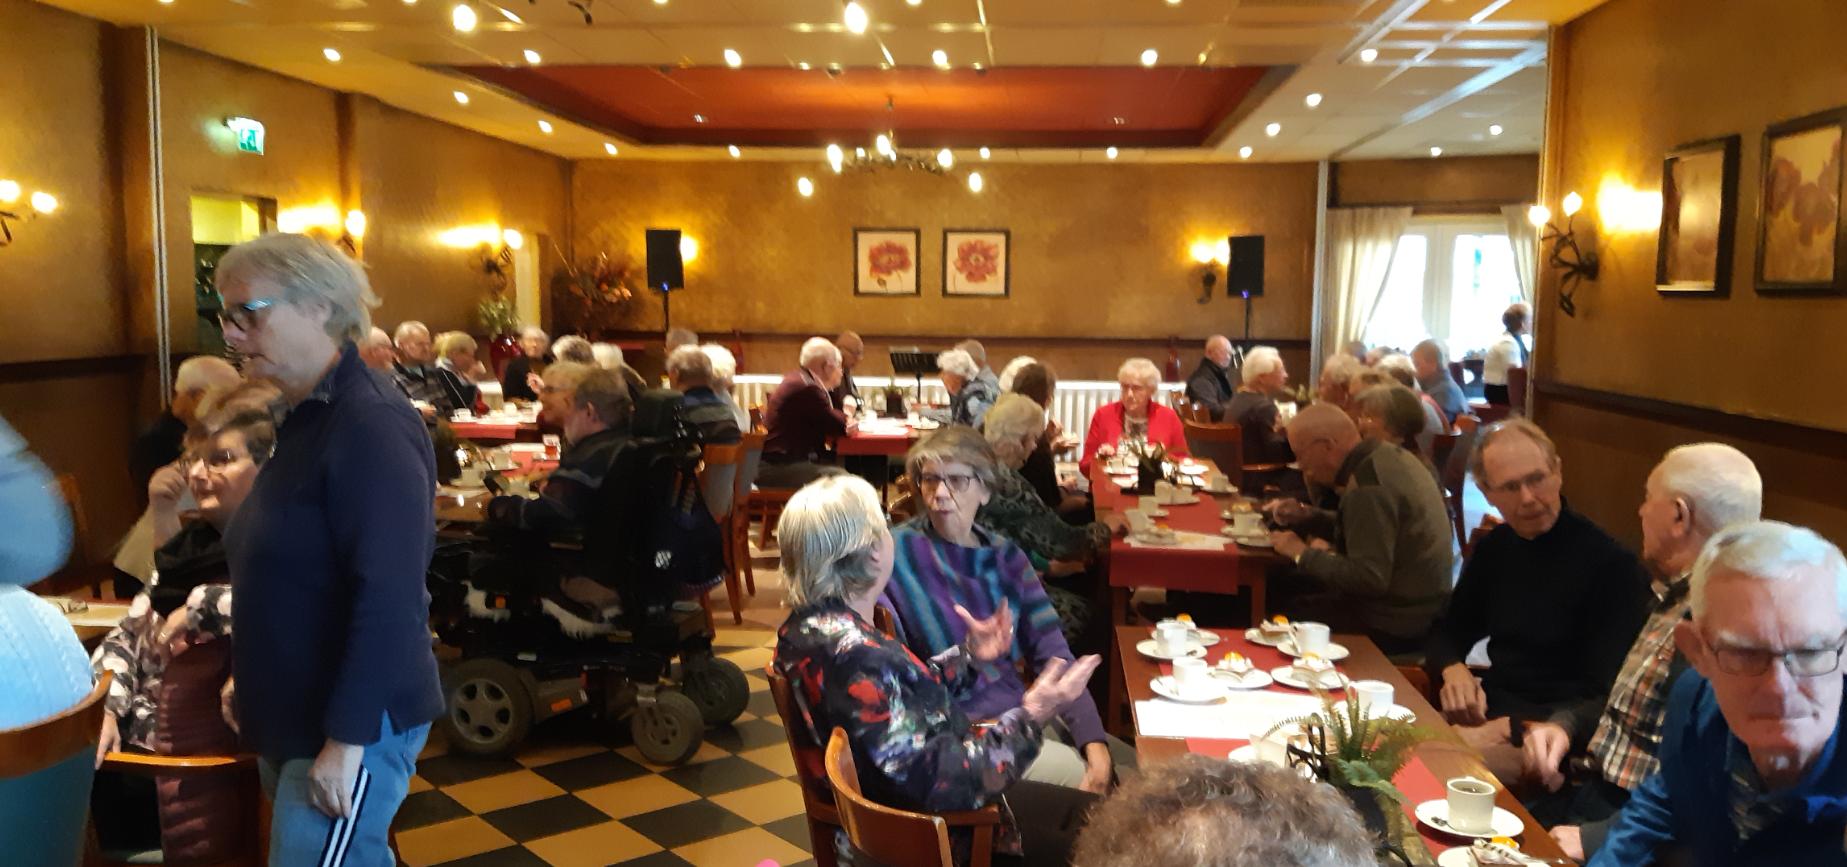 Dag van de Mantelzorg gevierd in Peize - De Krant